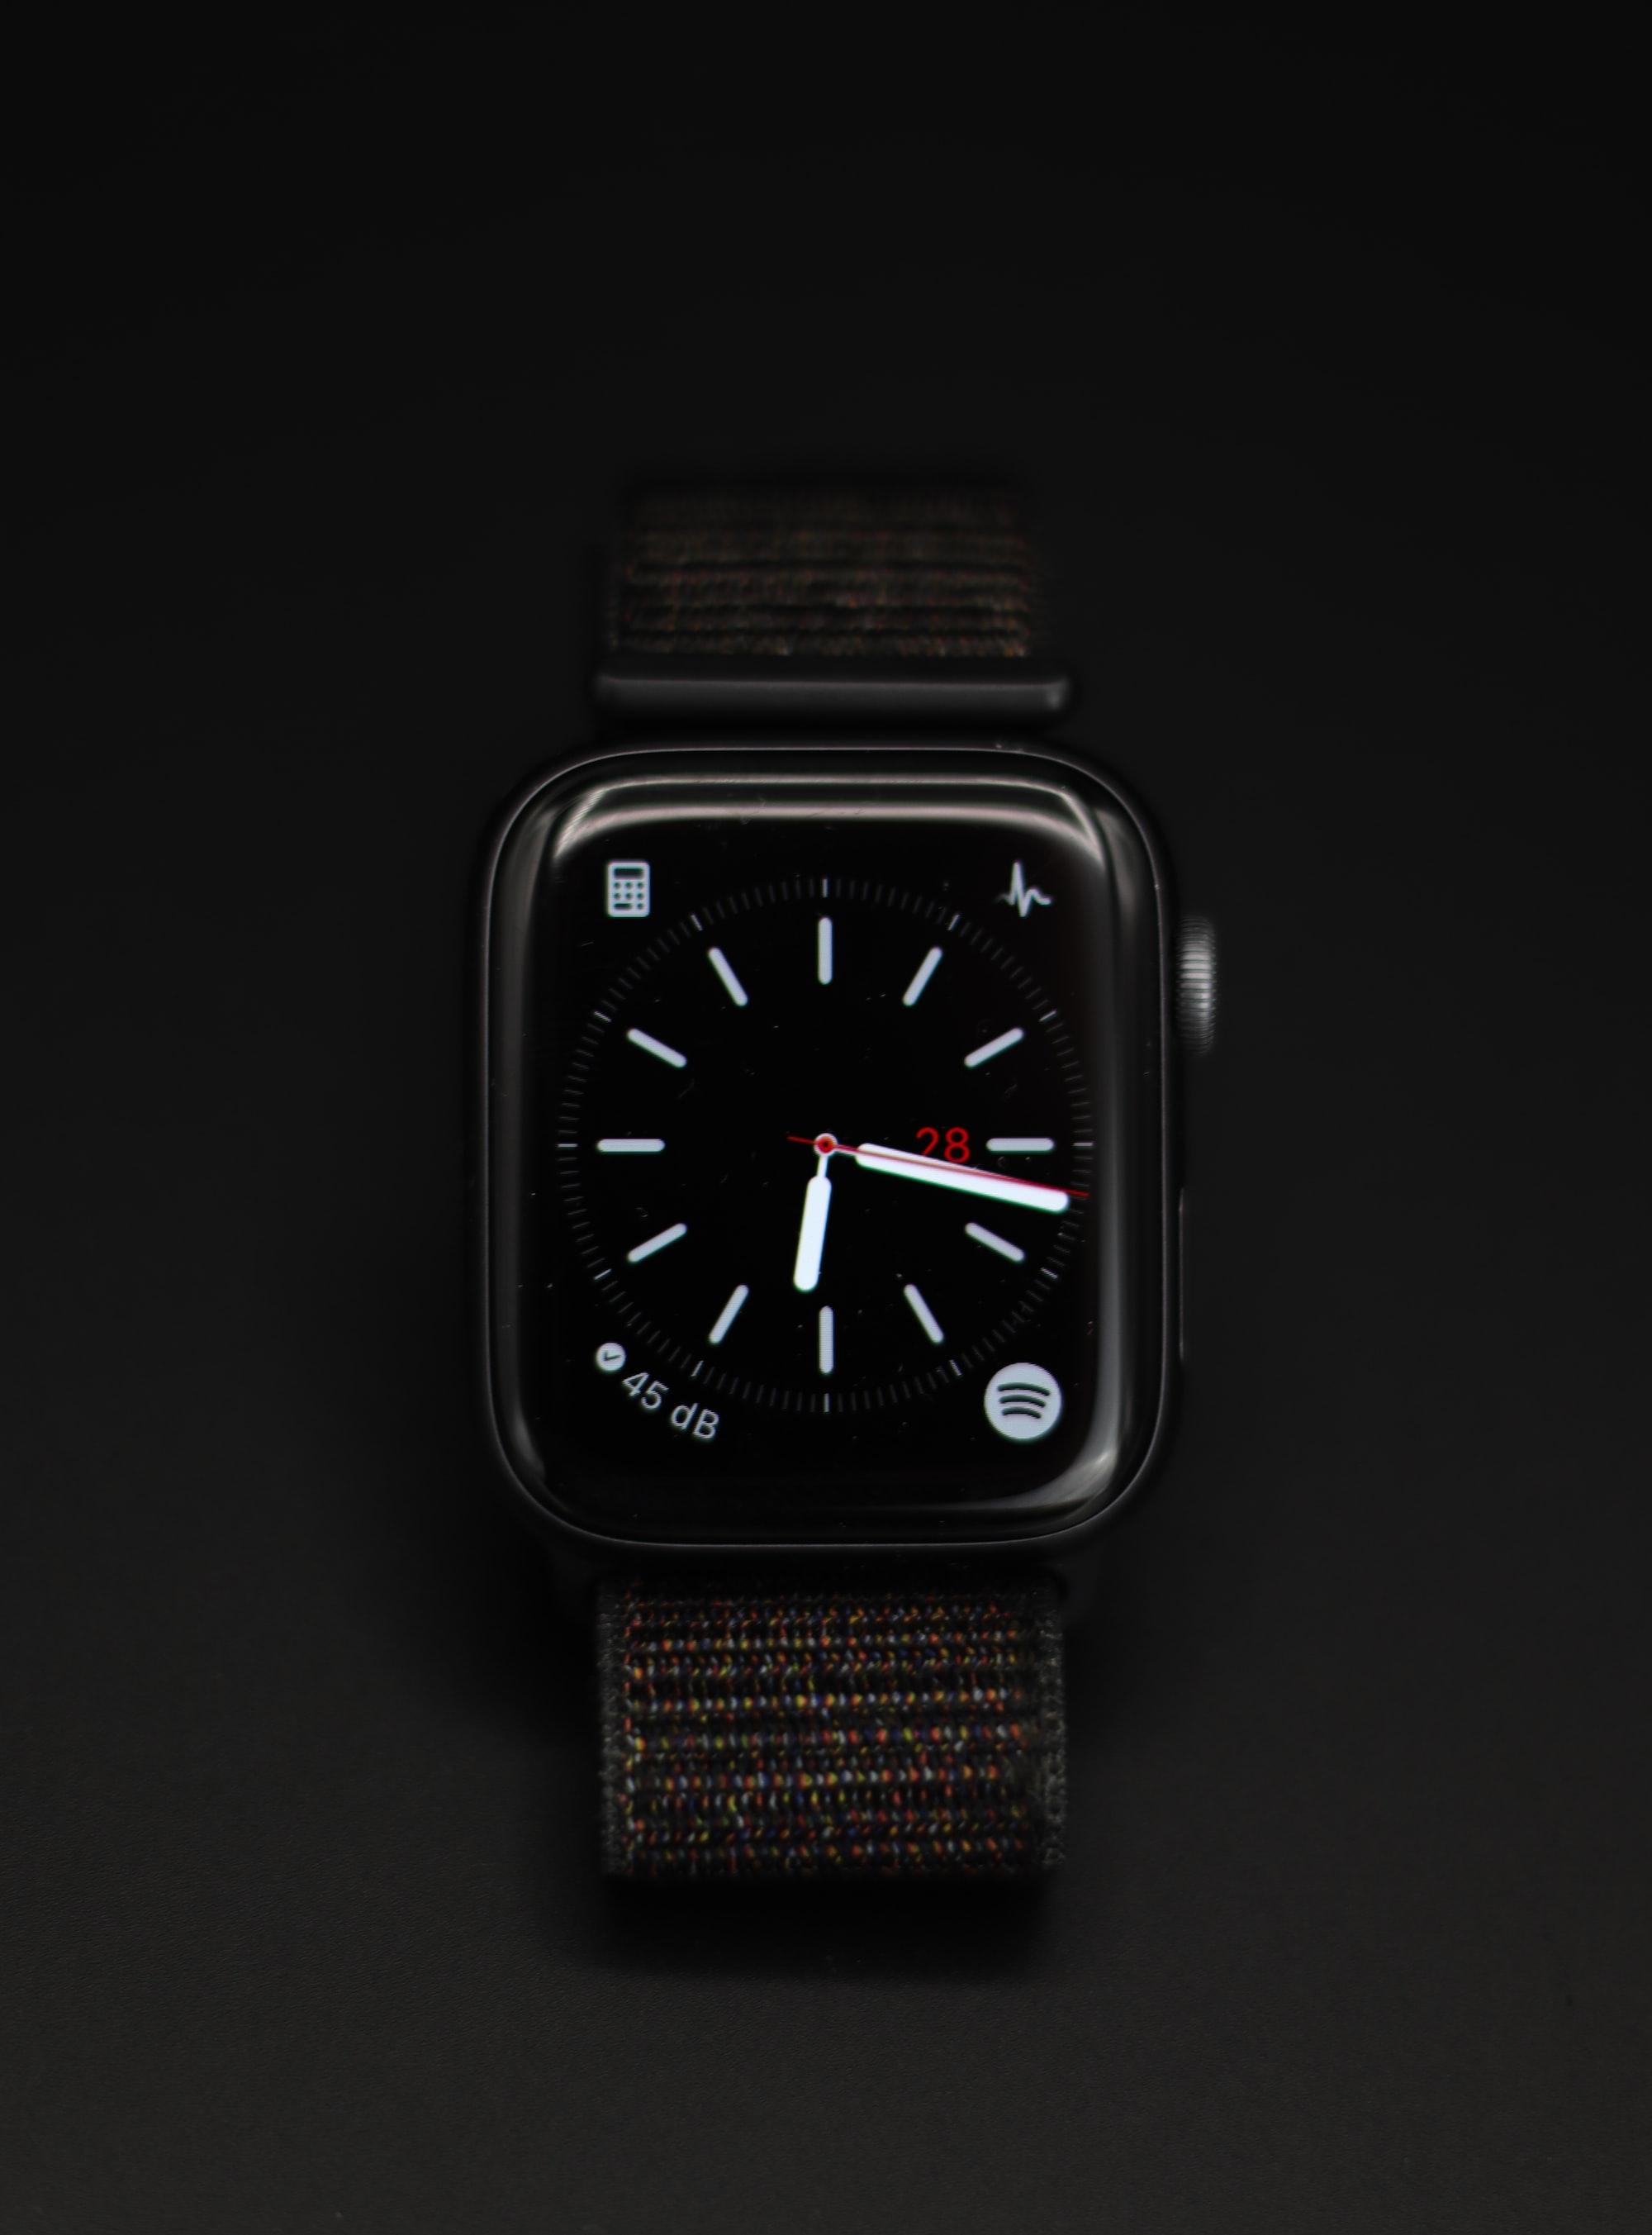 Descobre como podes partilhar os teus mostradores com o watchOS 7